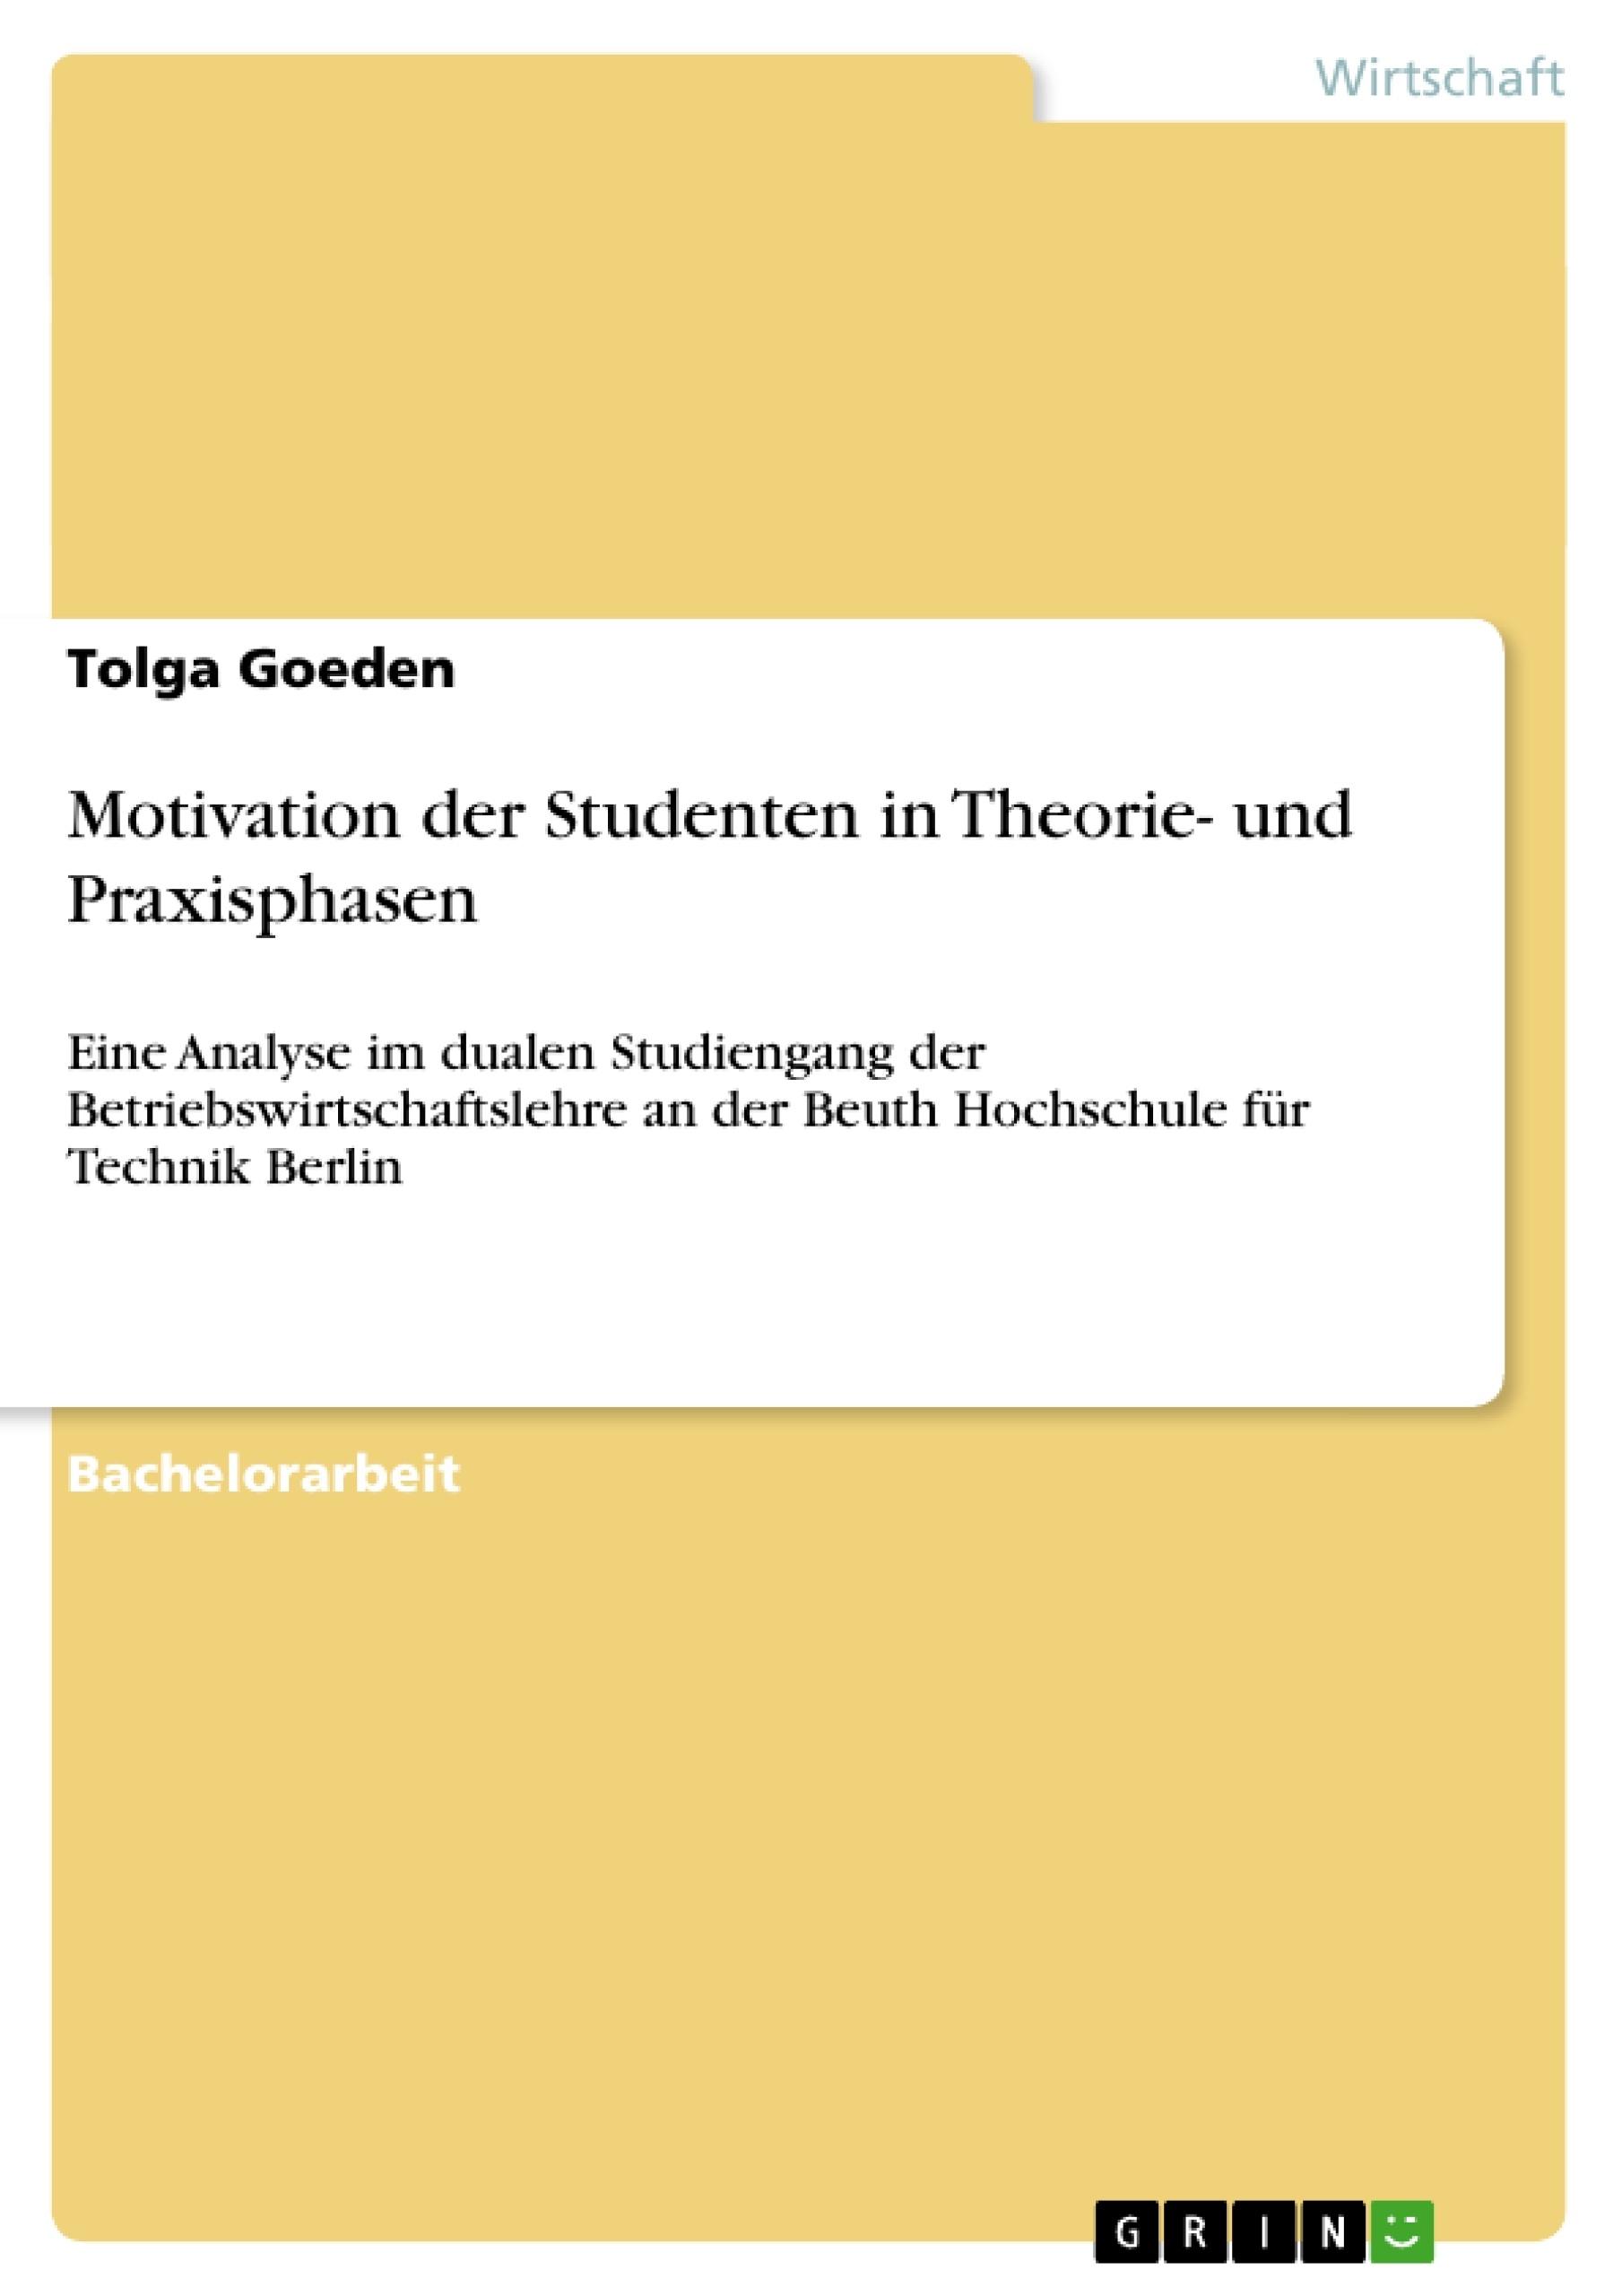 Titel: Motivation der Studenten in Theorie- und Praxisphasen